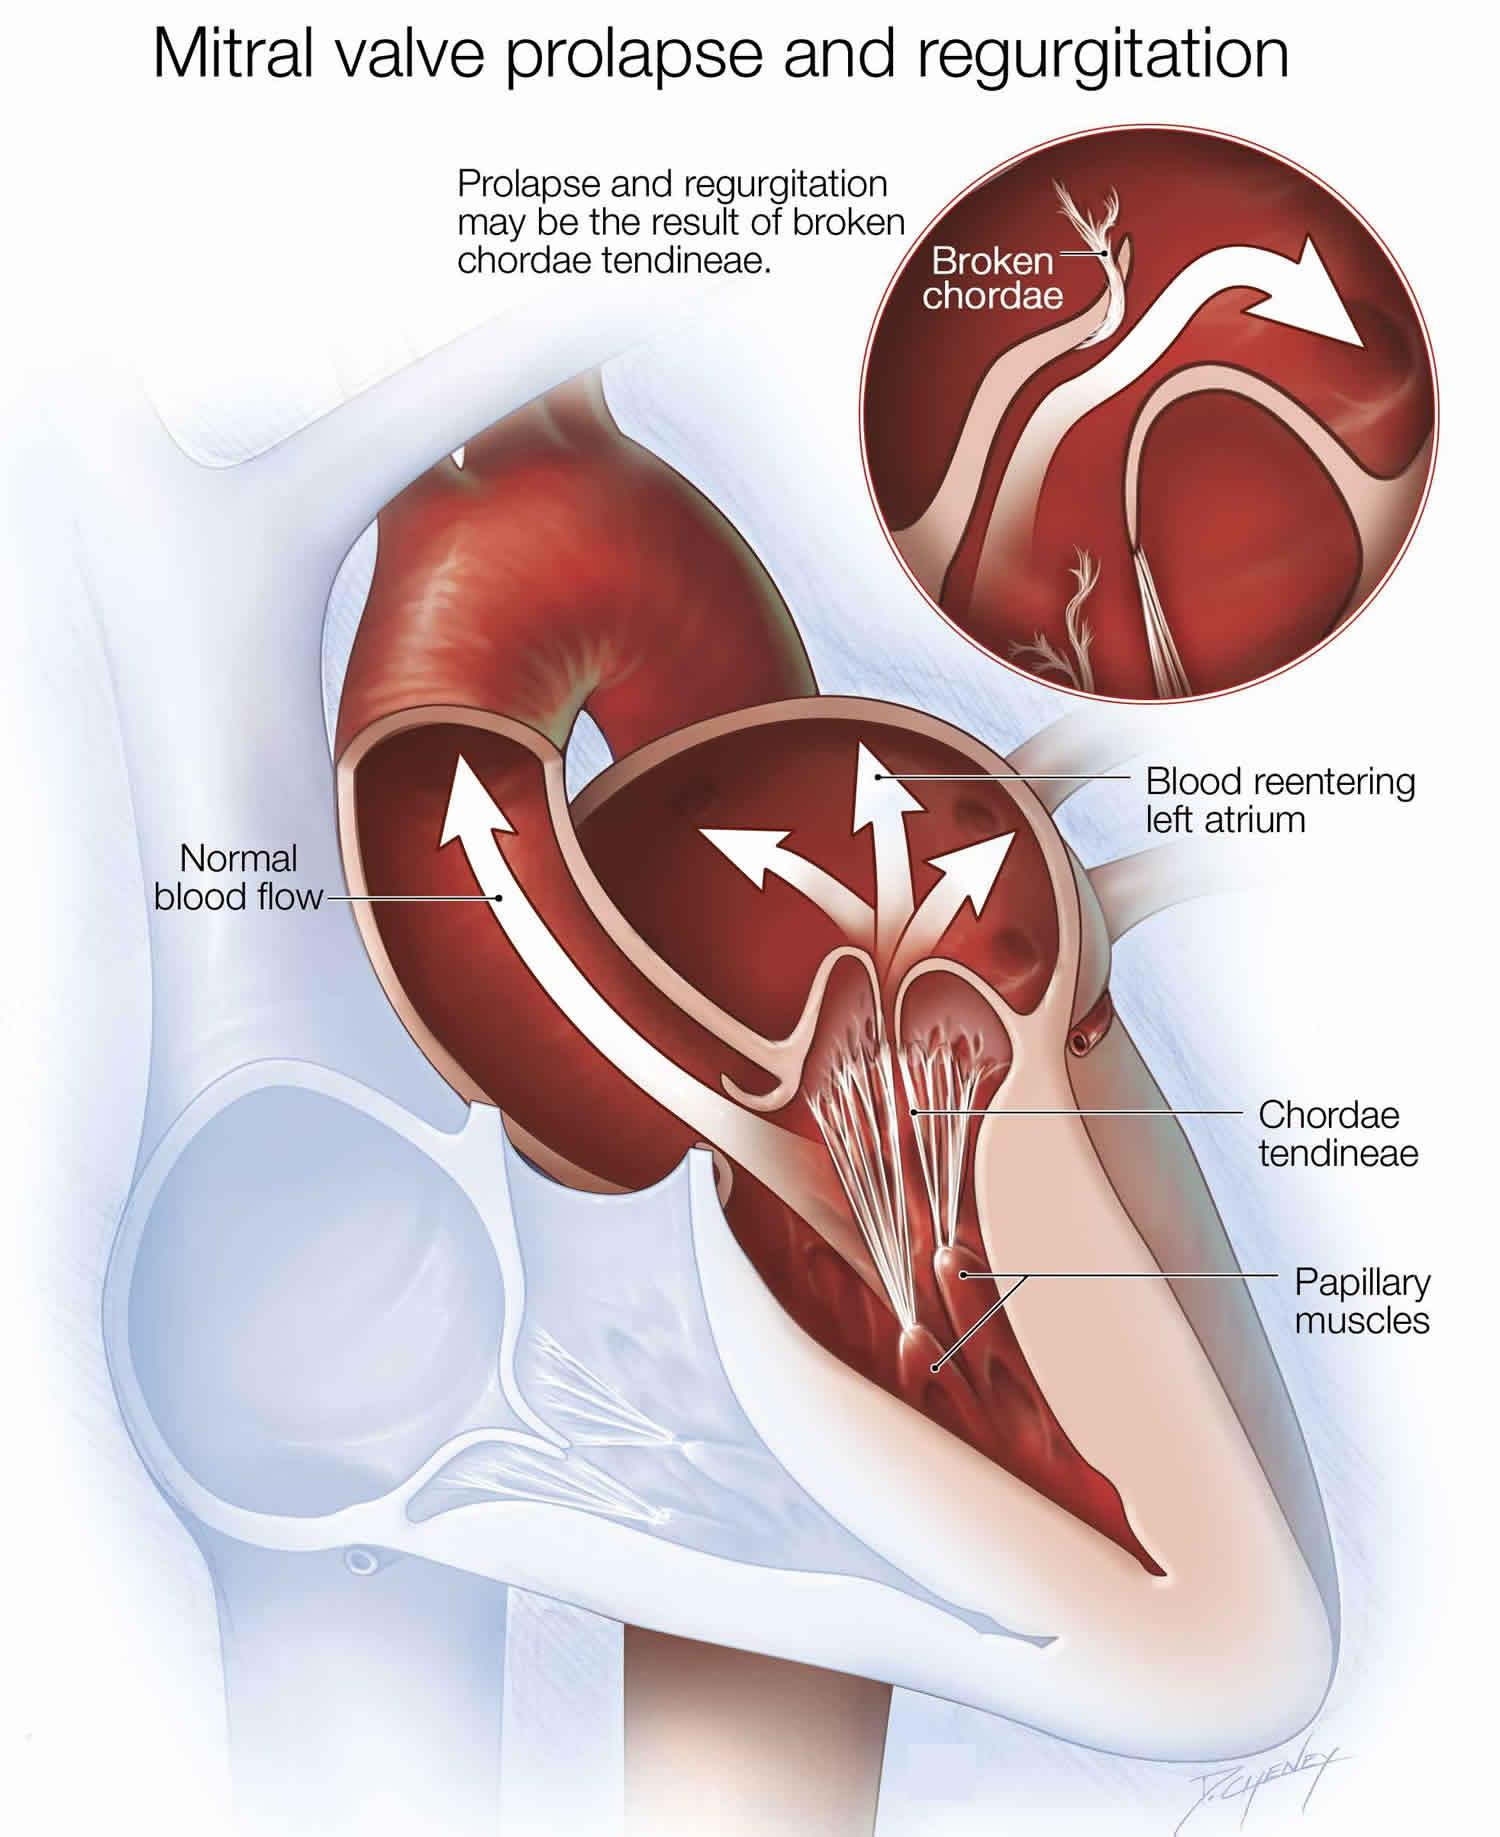 پرولاپس دریچه میترال چیست؟ درمان گشادی دریچه میترال قلب چیست؟ گشادی دریچه آئورت افتادگی دریچه میترال و ورزش پرولاپس چیست شلی دریچه میترال نرمی دریچه میترال علائم افتادگی دریچه میترال